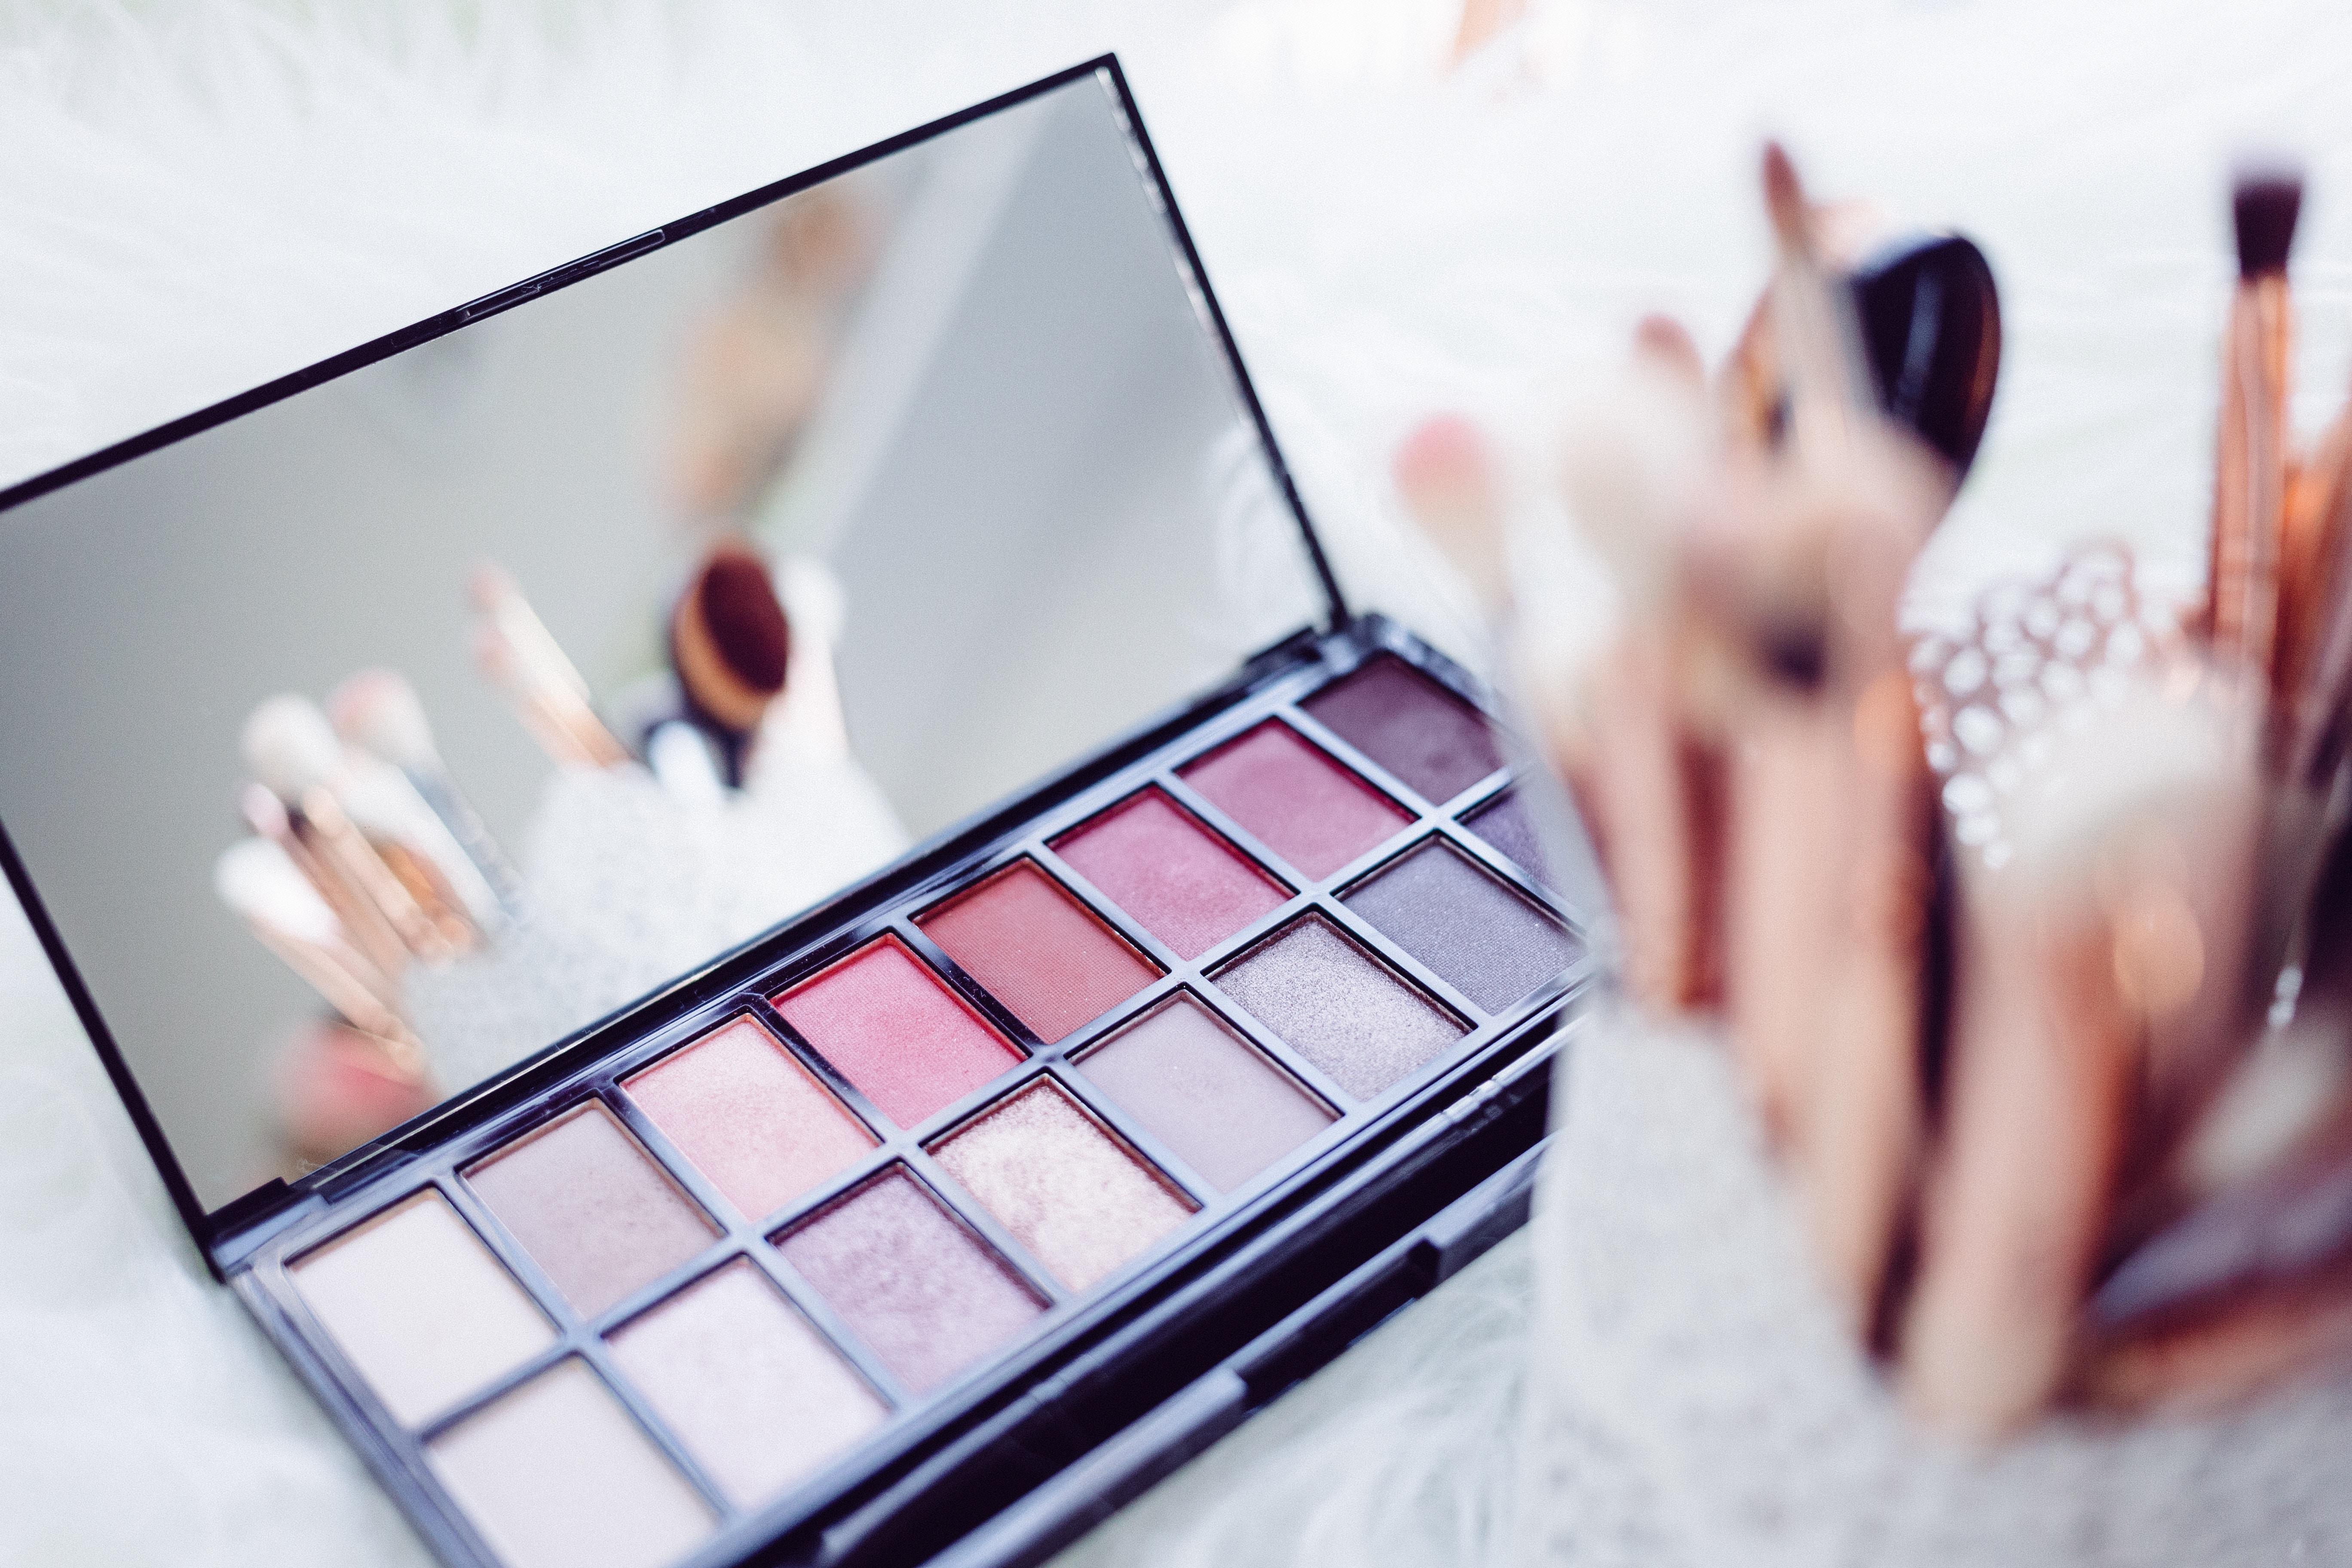 EnjoyPhoenix, Caroline Receveur, Stéphanie Durant... Ces influenceuses qui dominent le marché de la beauté sur Instagram - Stratégies